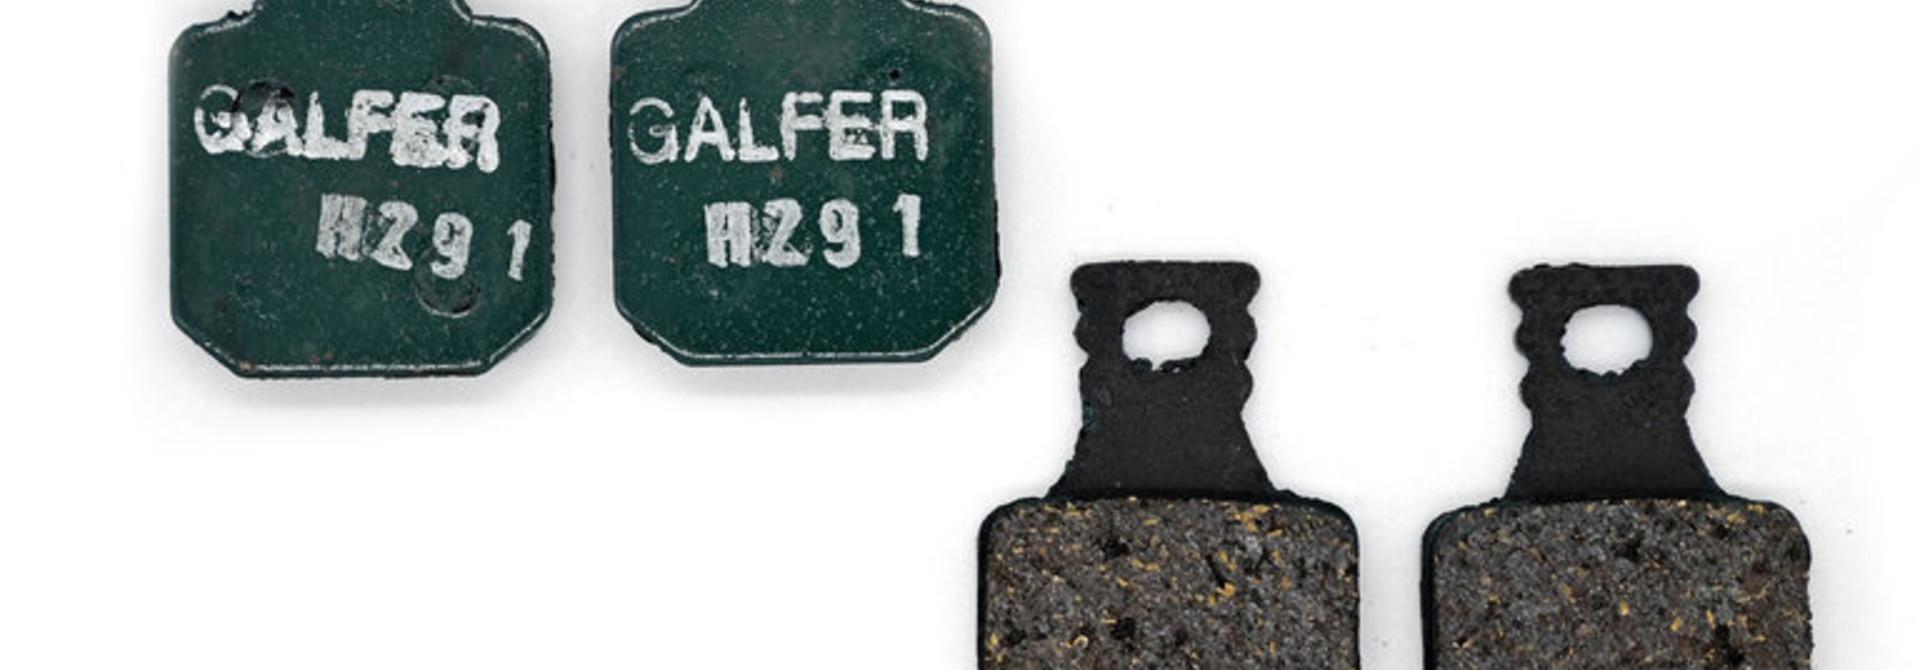 GALFER BRAKE PADS MAGURA MT5, 7 PRO